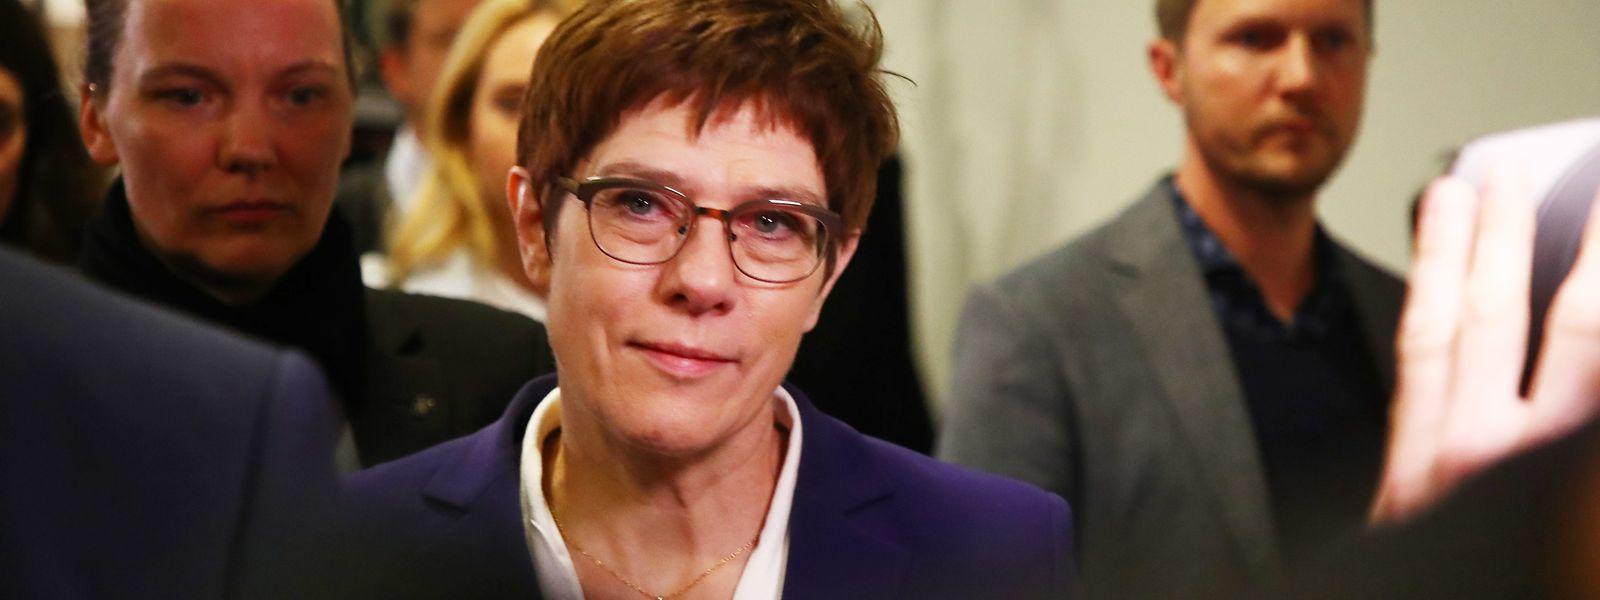 Annegret Kramp-Karrenbauer, CDU-Vorsitzende, hielt sich für nächtliche Verhandlungen in Erfurt auf.